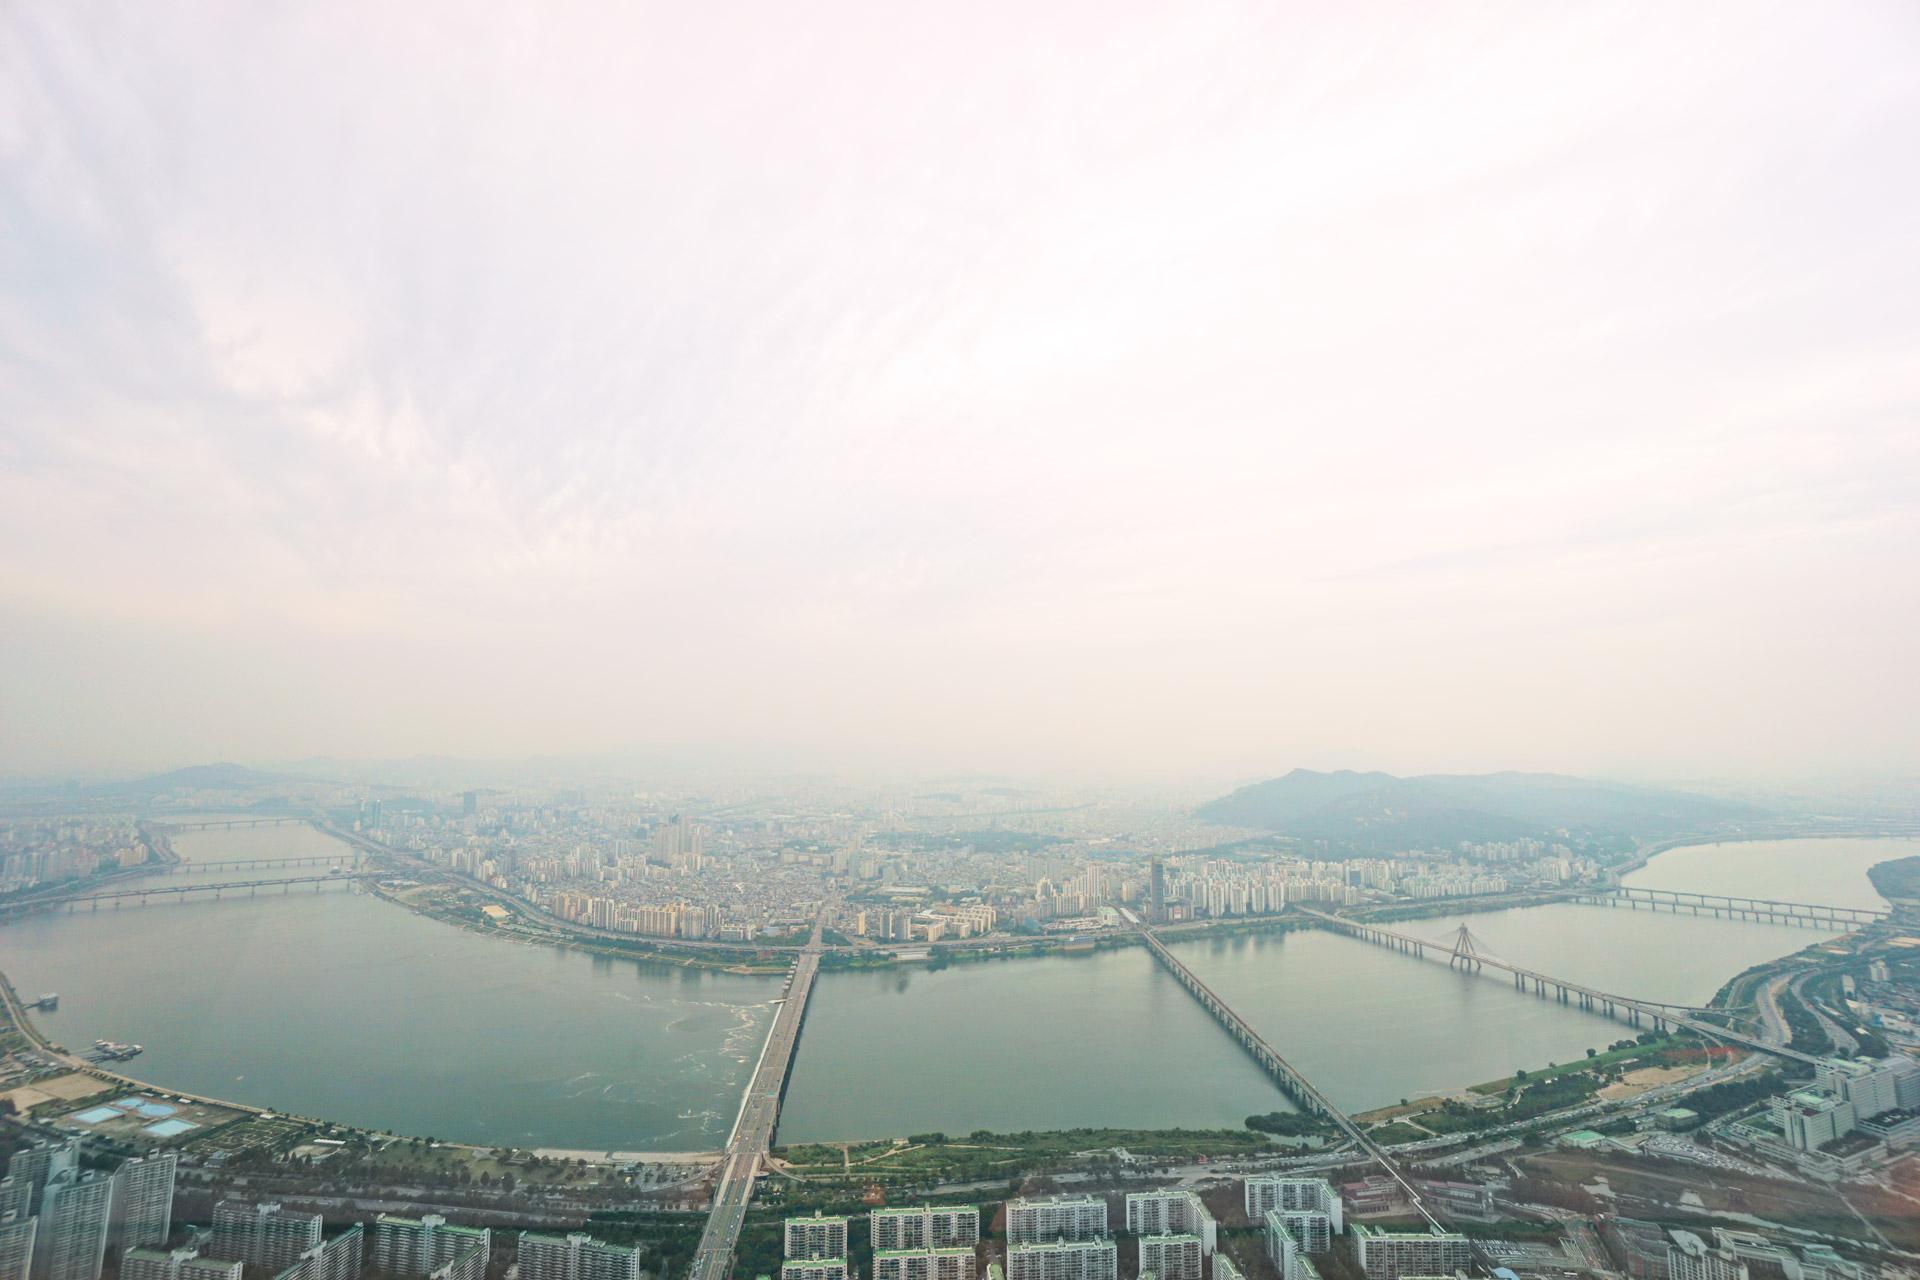 Der Han-Fluss, der mitten durch Seoul fließt, lässt sich sehr gut vom Lotte World Tower aus betrachten. Blick Richtung Norden.